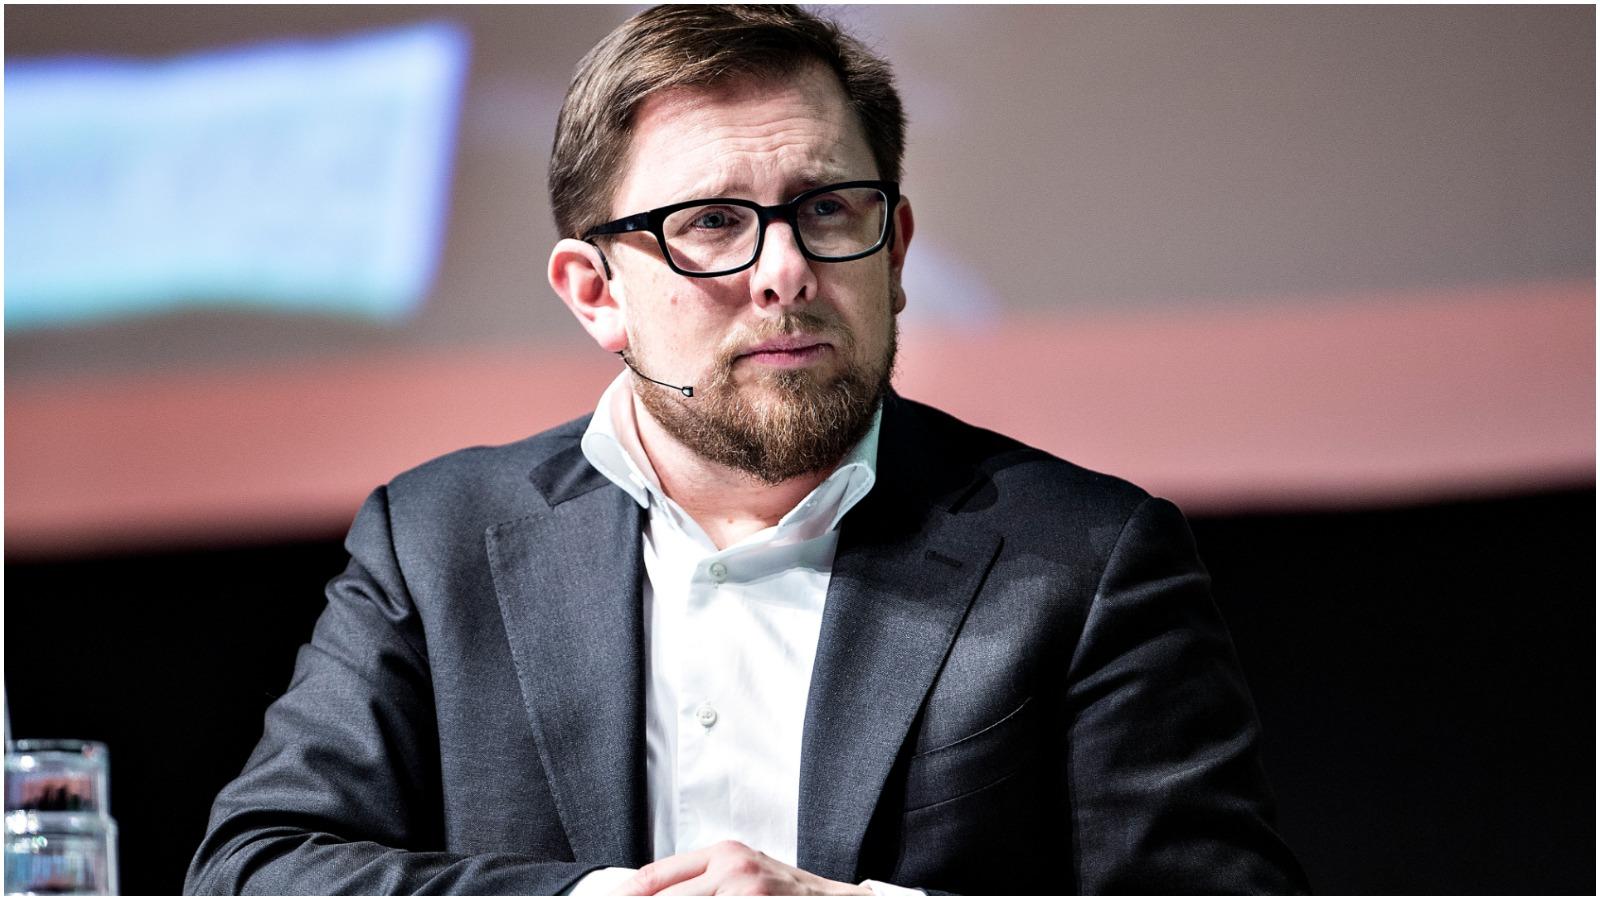 <strong:>RÆSON: Hvilken af de politikere, der har forladt dansk politik siden 2000, ville du helst have tilbage?</strong> <br>Simon Emil Ammitzbøll-Bille: Bjarne Corydon<font color=00008> / Ugen i politik </font color=00008>